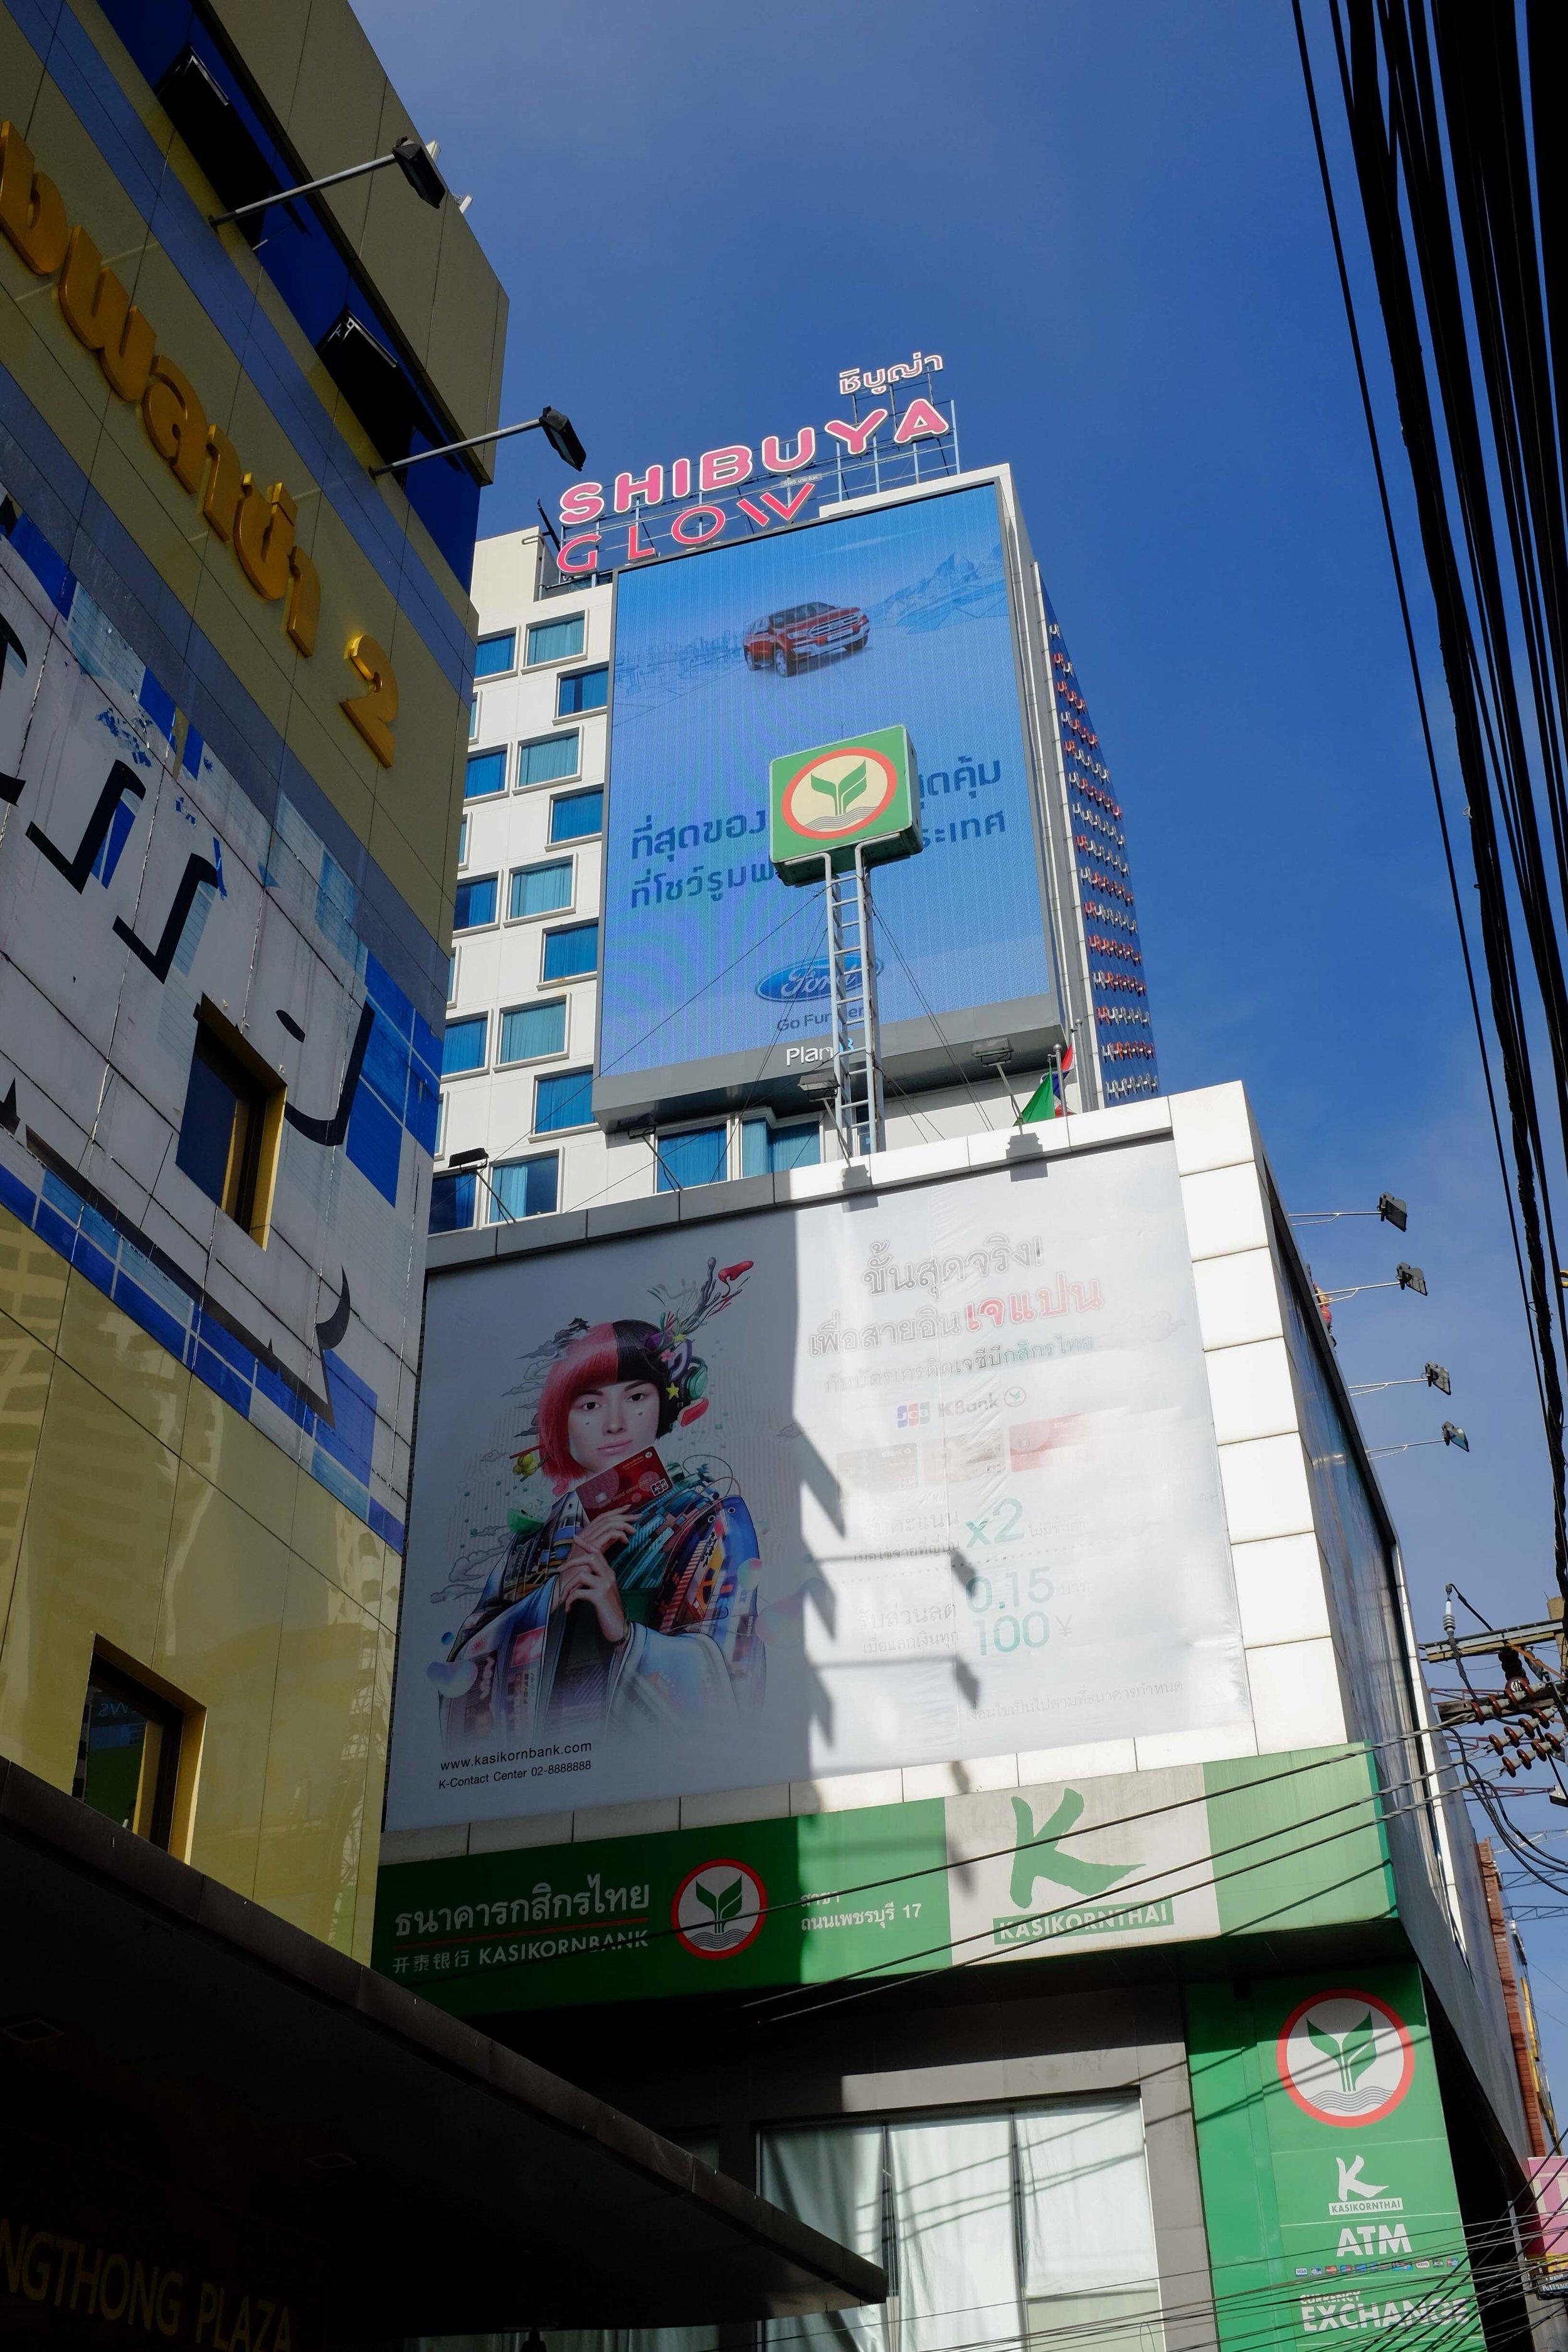 2018_Bangkok_DSCF3408_copy.jpg